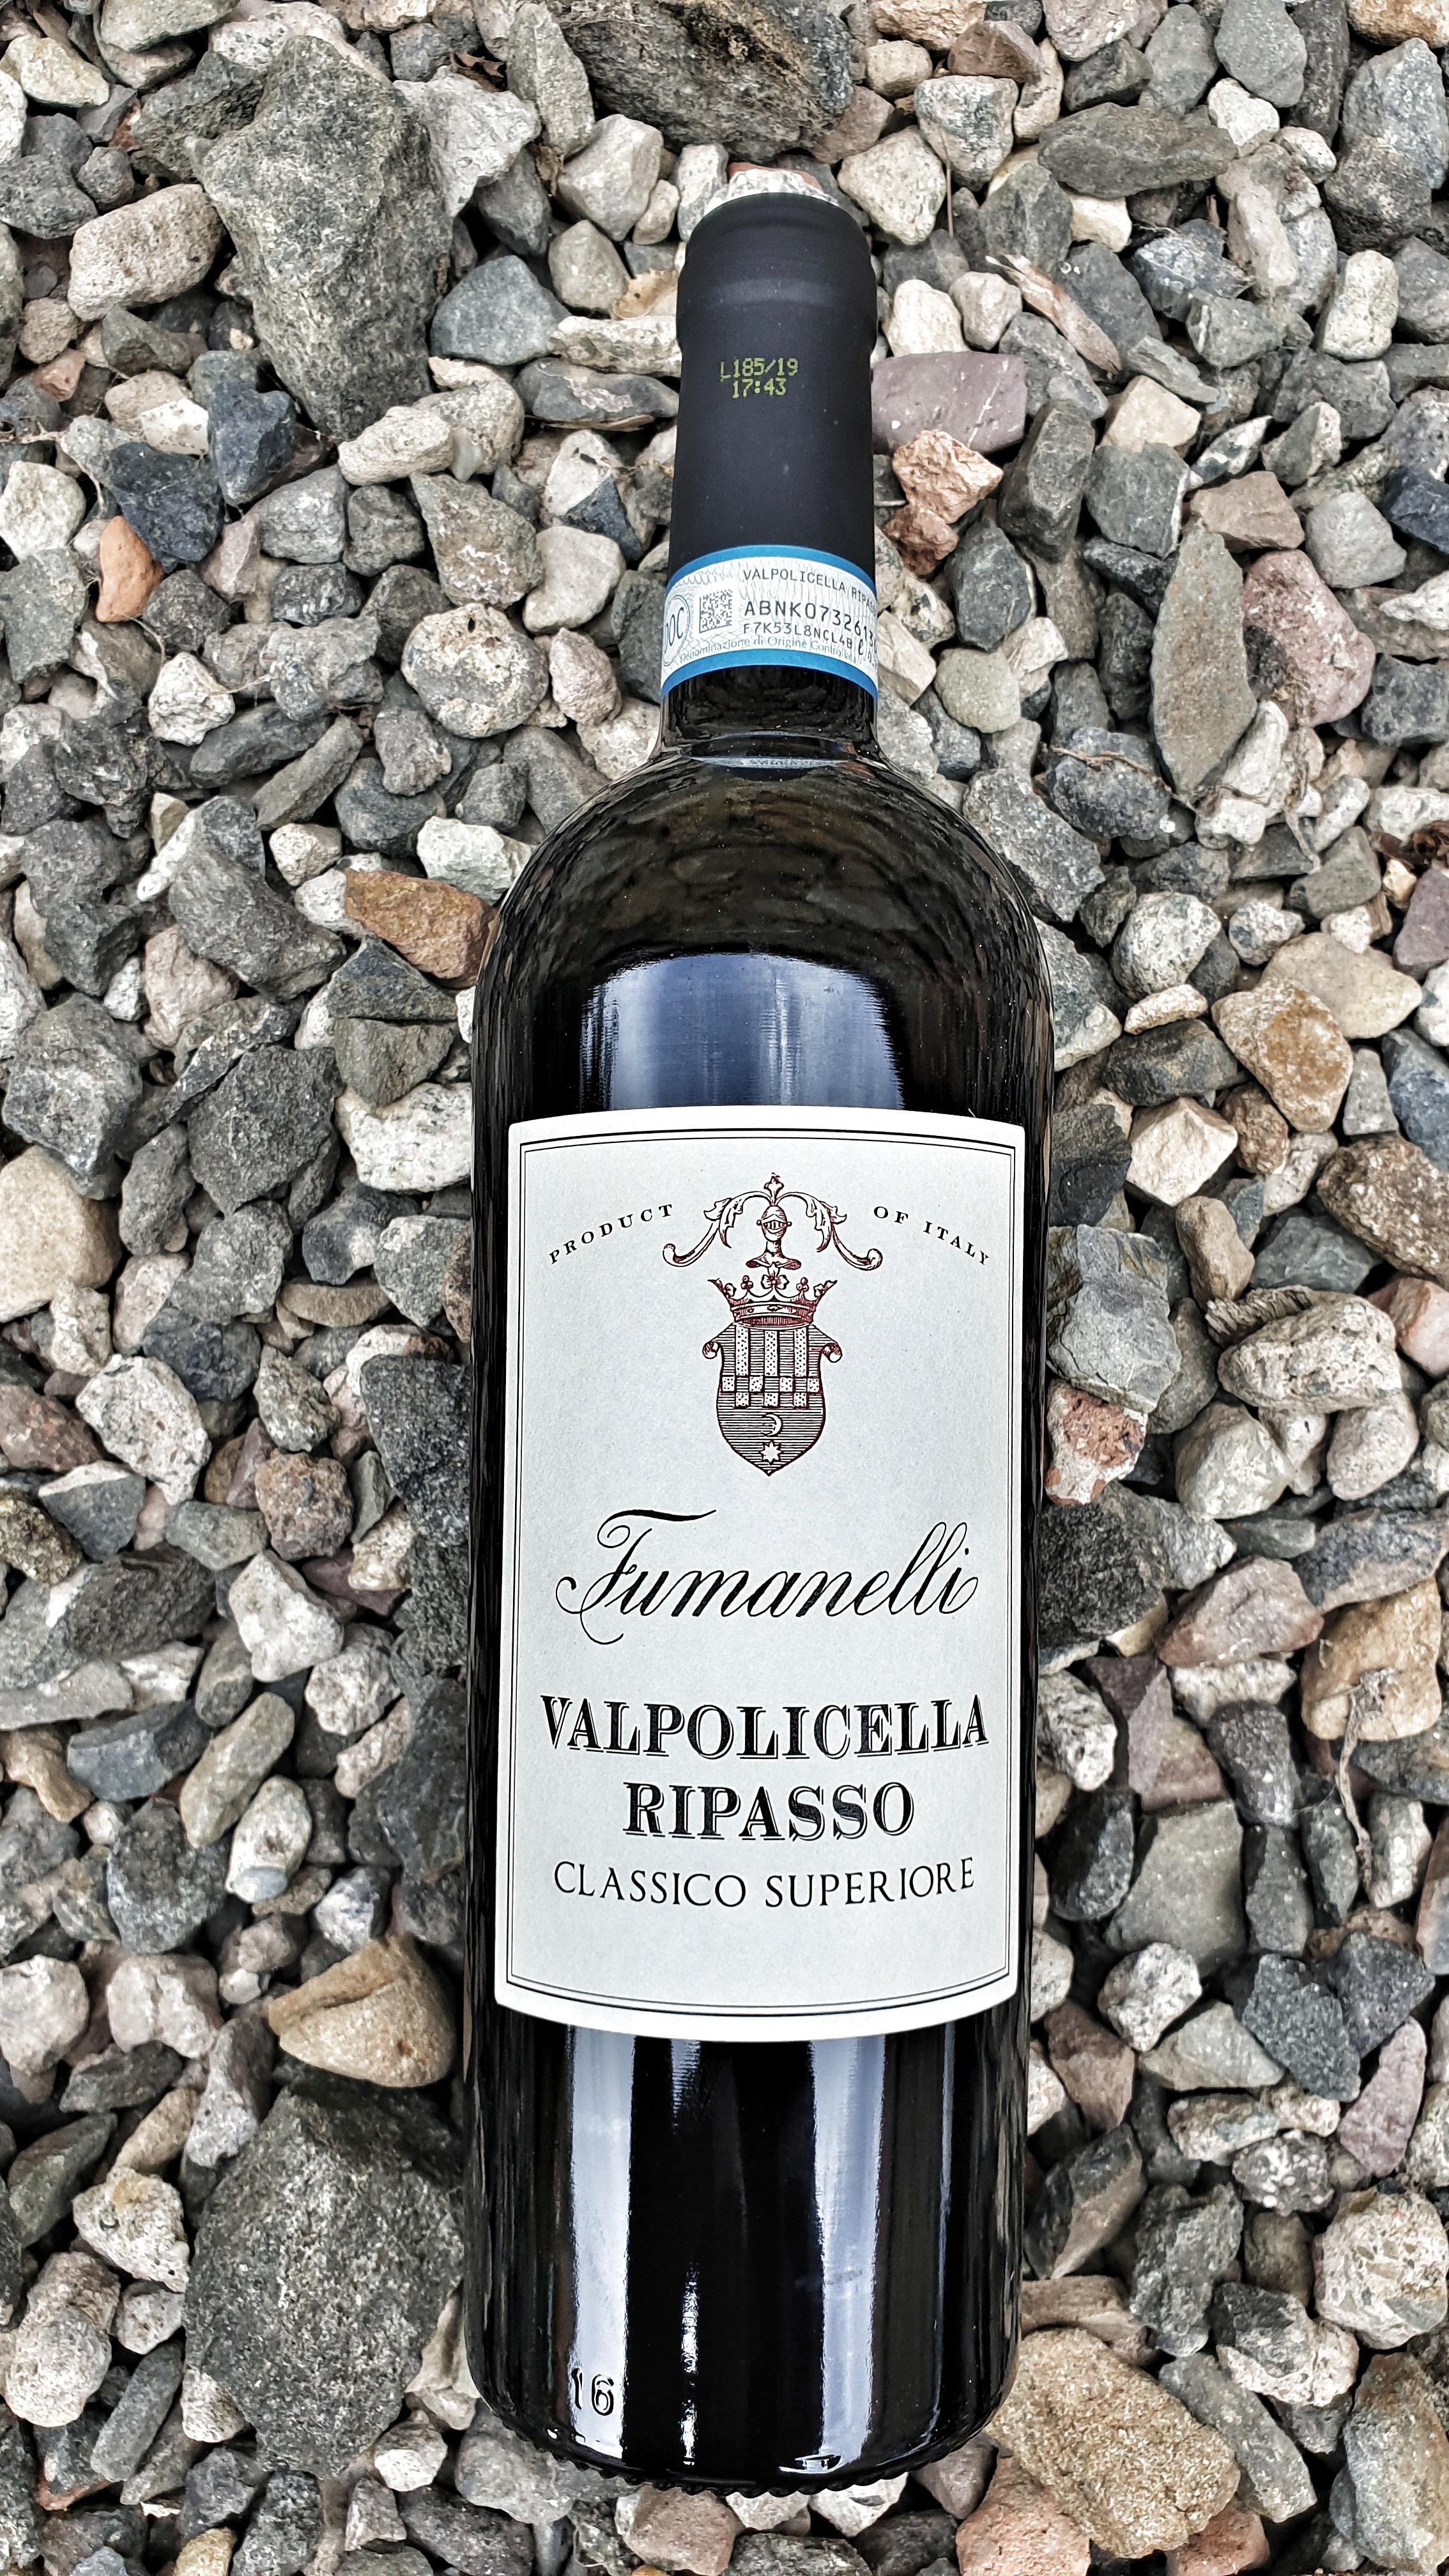 Valpolicella Ripasso Classico Superiore Fumanelli 2016 00195